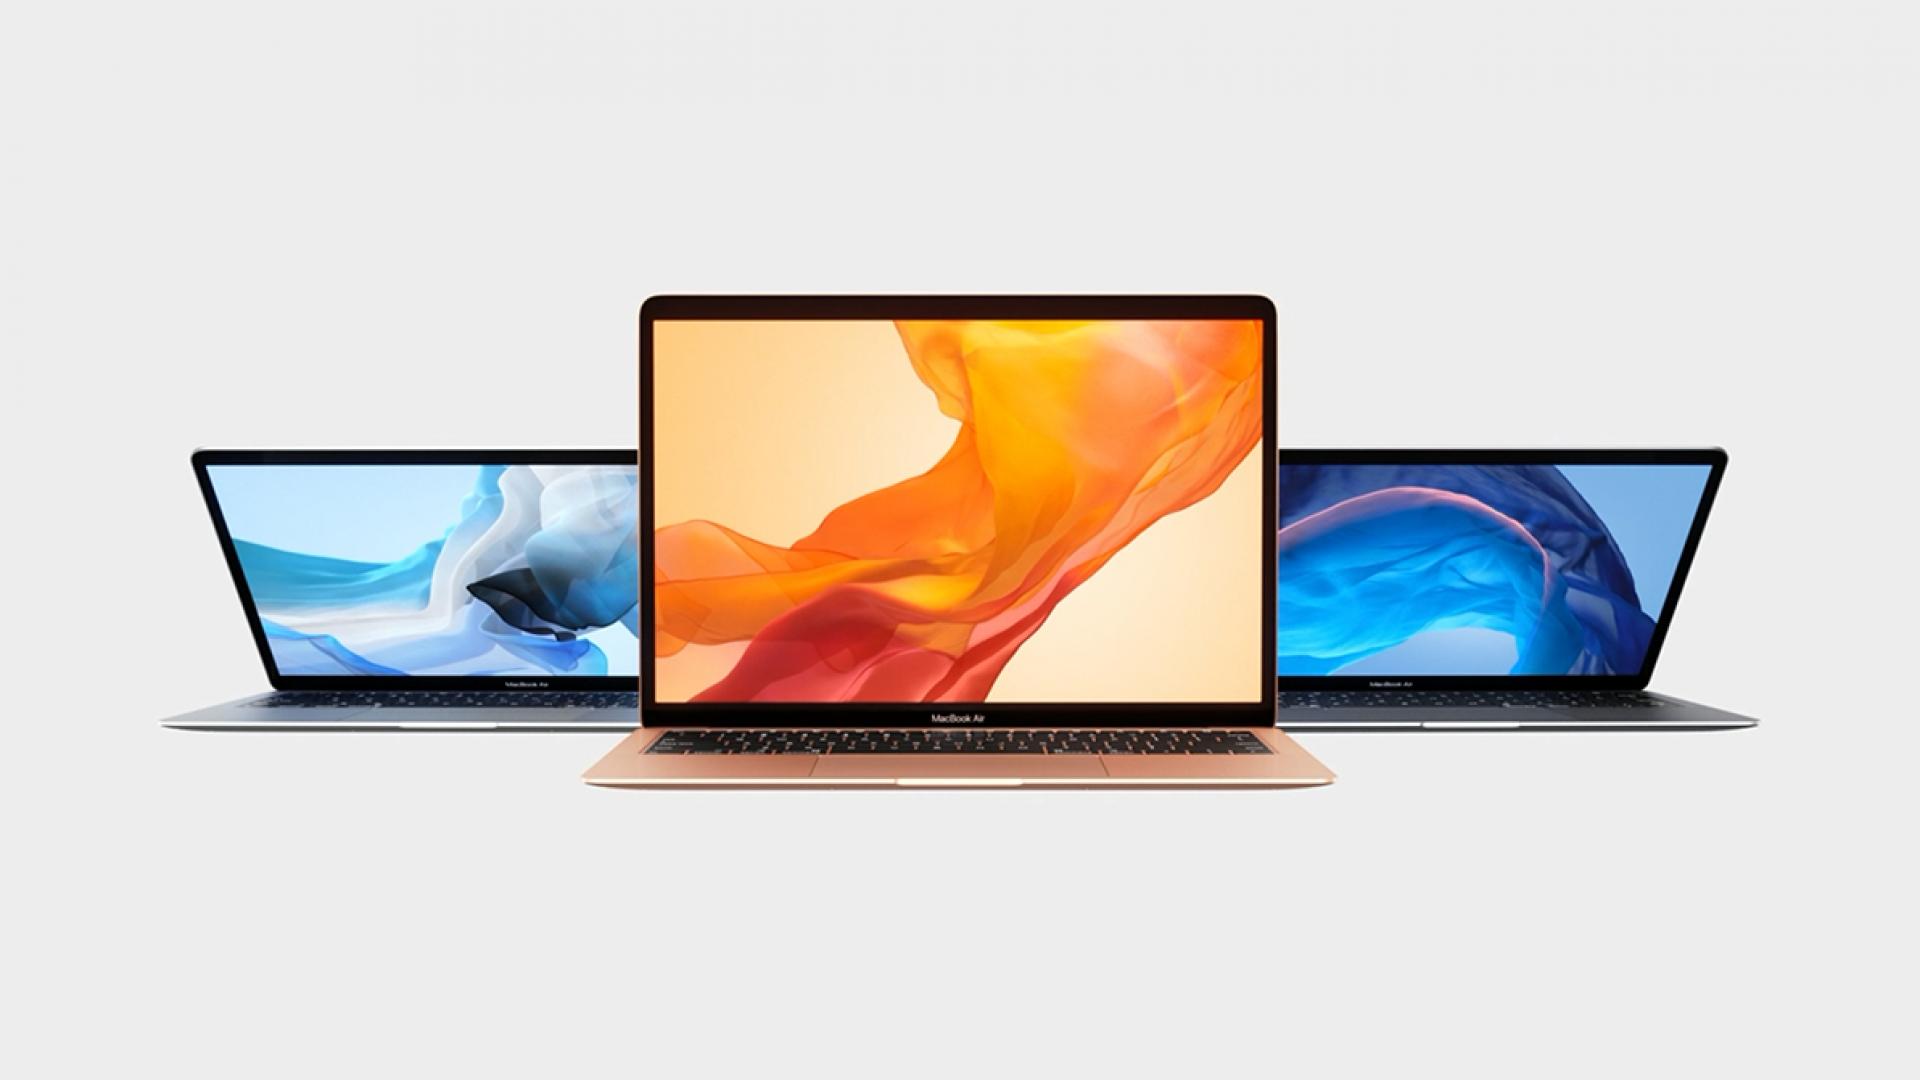 macbook air wydajność